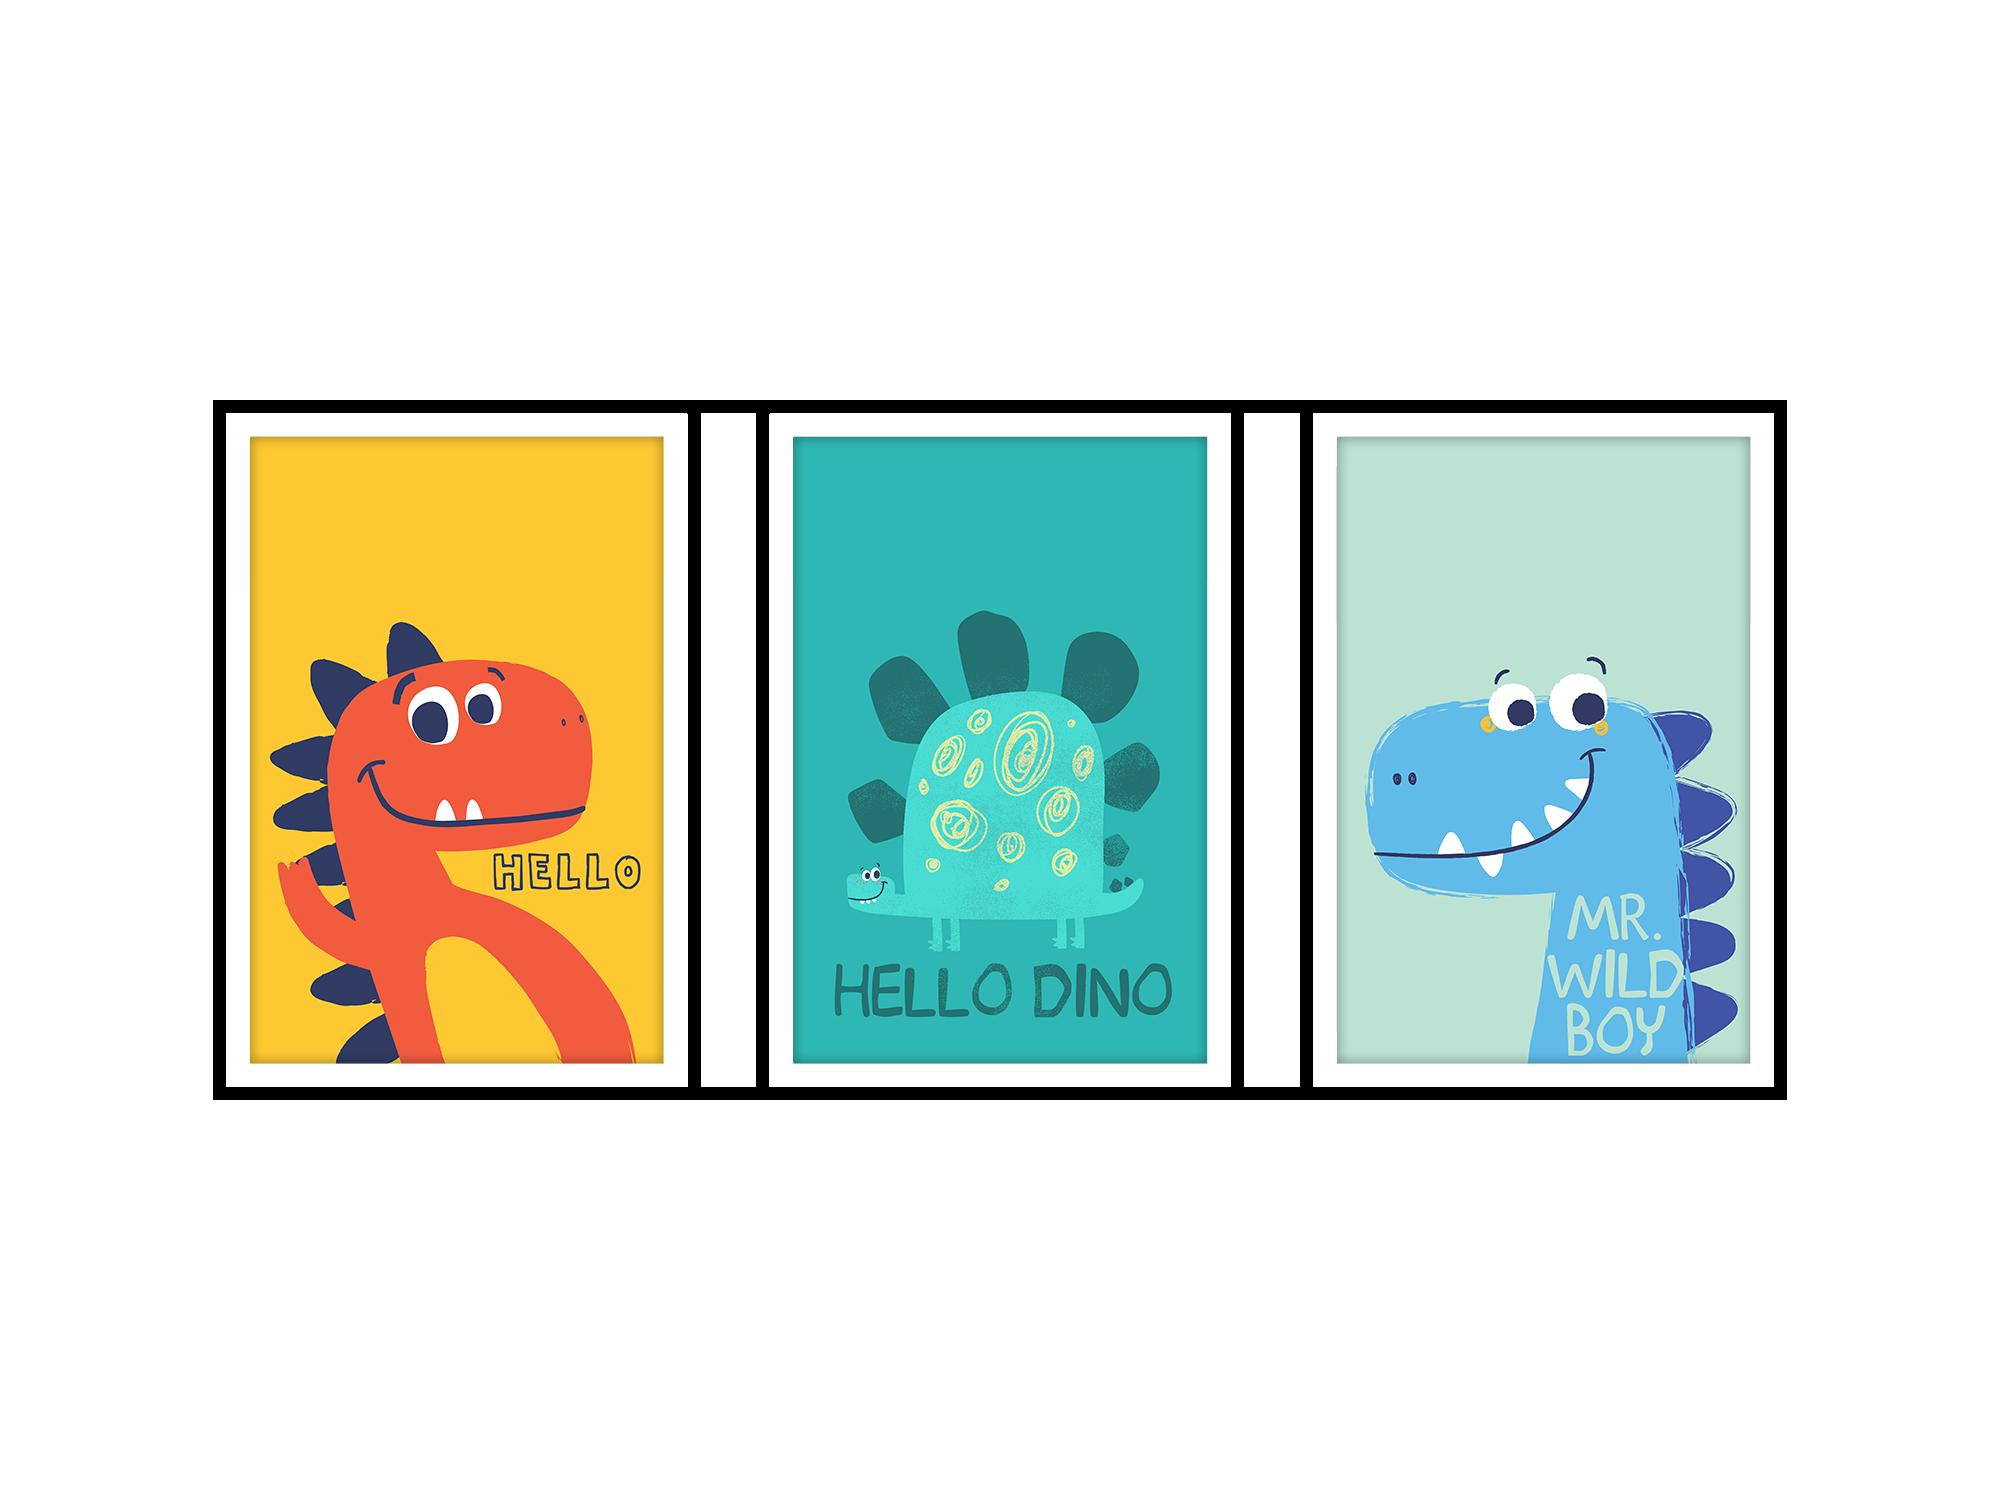 Tranh trang trí phòng trẻ em Happy Dinosaur